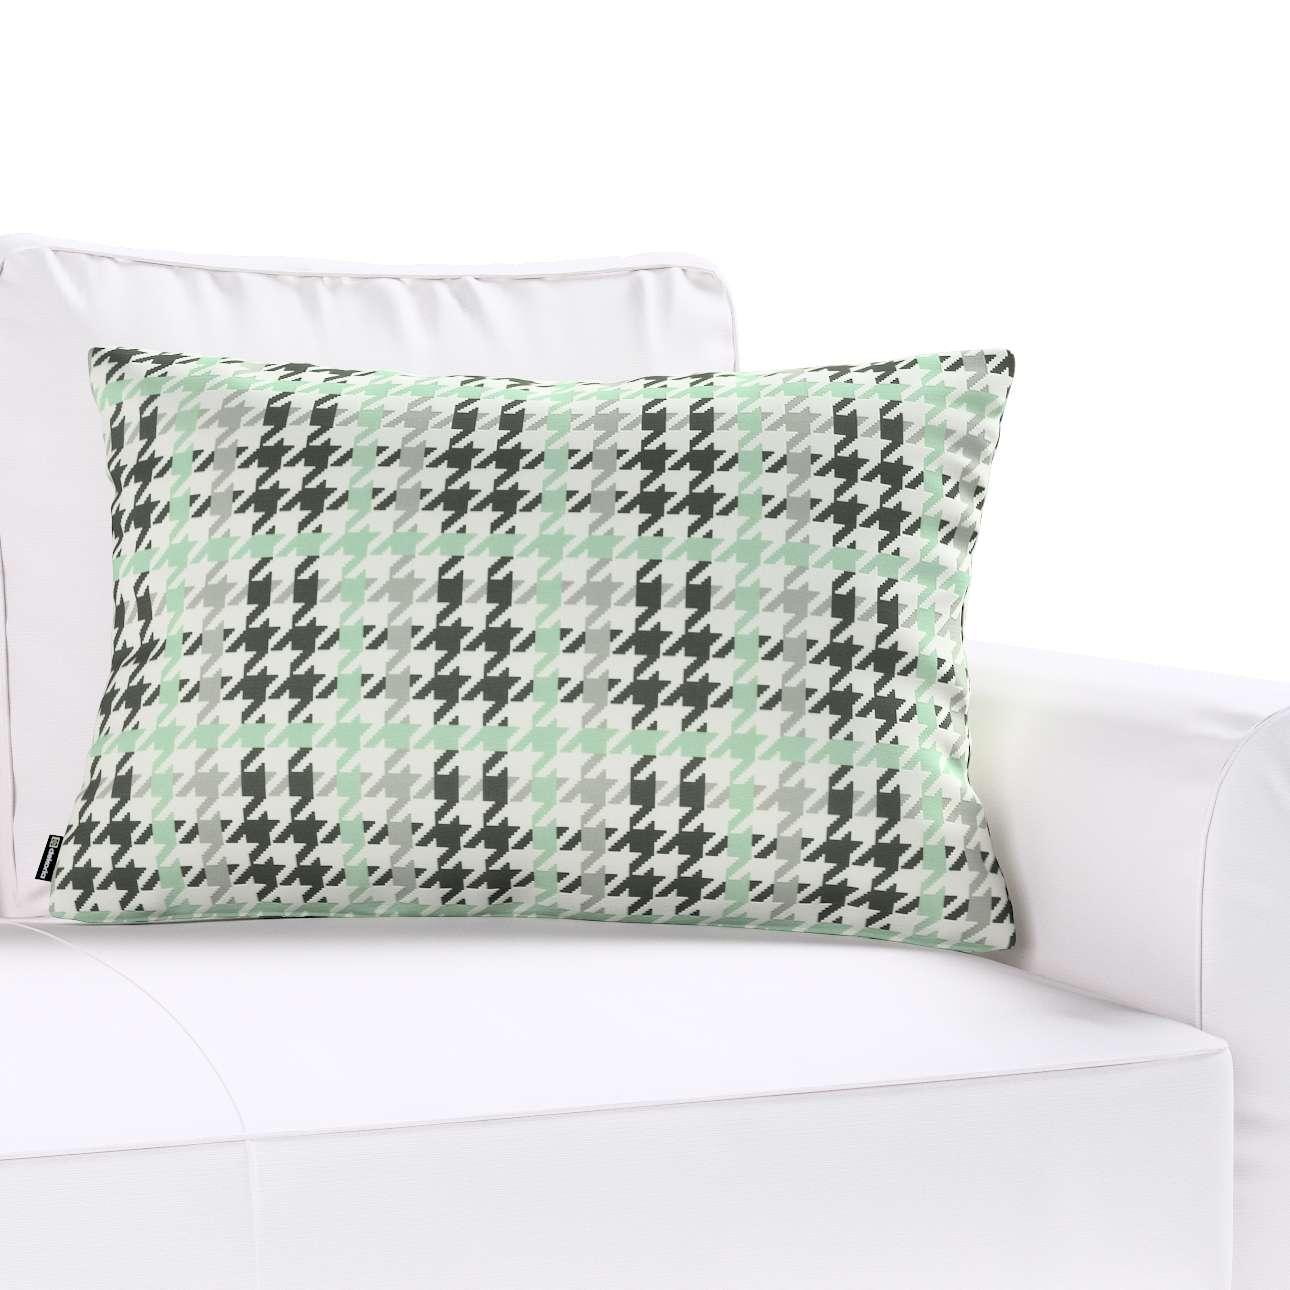 Kinga dekoratyvinės pagalvėlės užvalkalas 60x40cm 60 × 40 cm kolekcijoje Brooklyn, audinys: 137-77